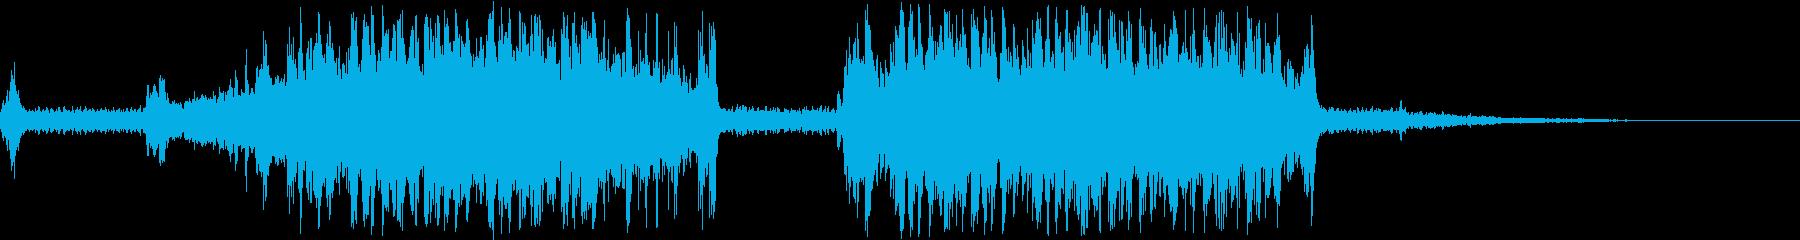 バンドソー、モダン、カッティングハ...の再生済みの波形